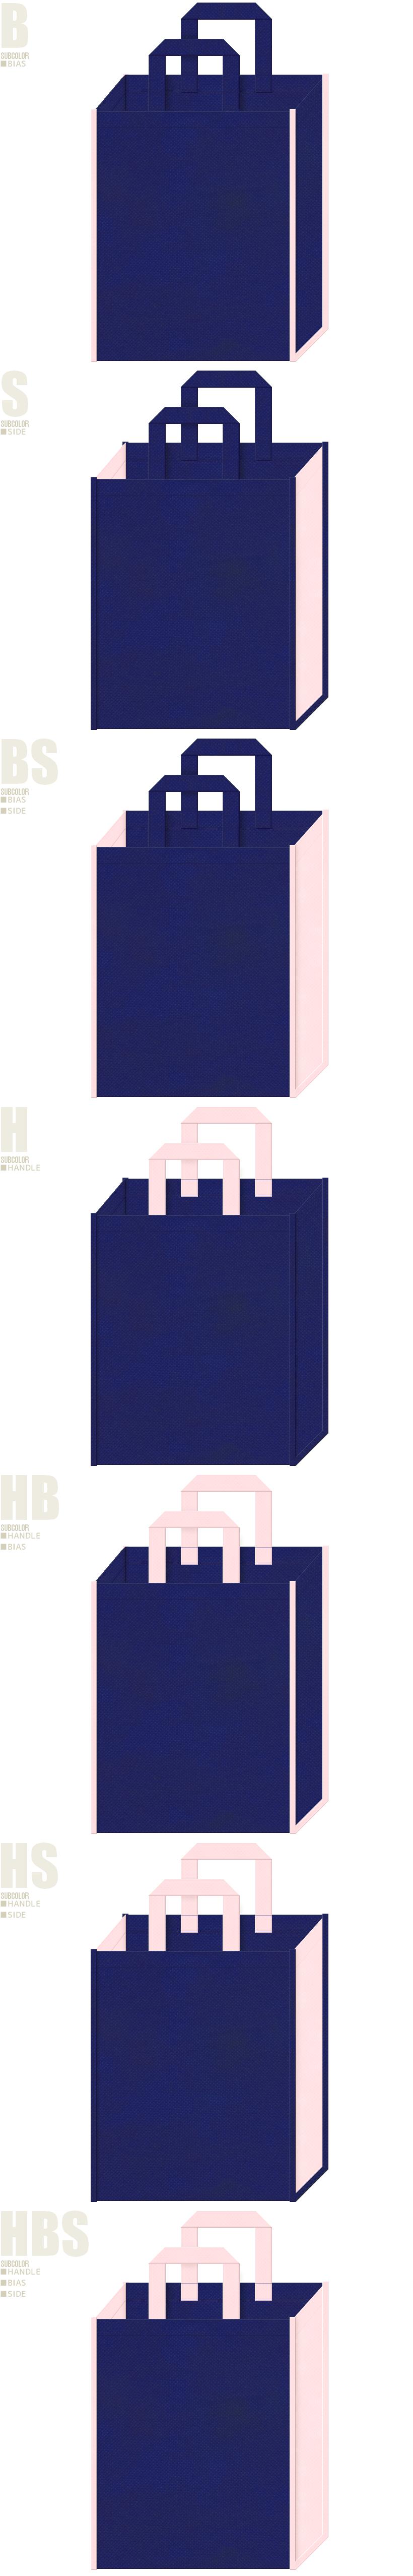 紺紫色と桜色-7パターンの不織布トートバッグ配色デザイン例